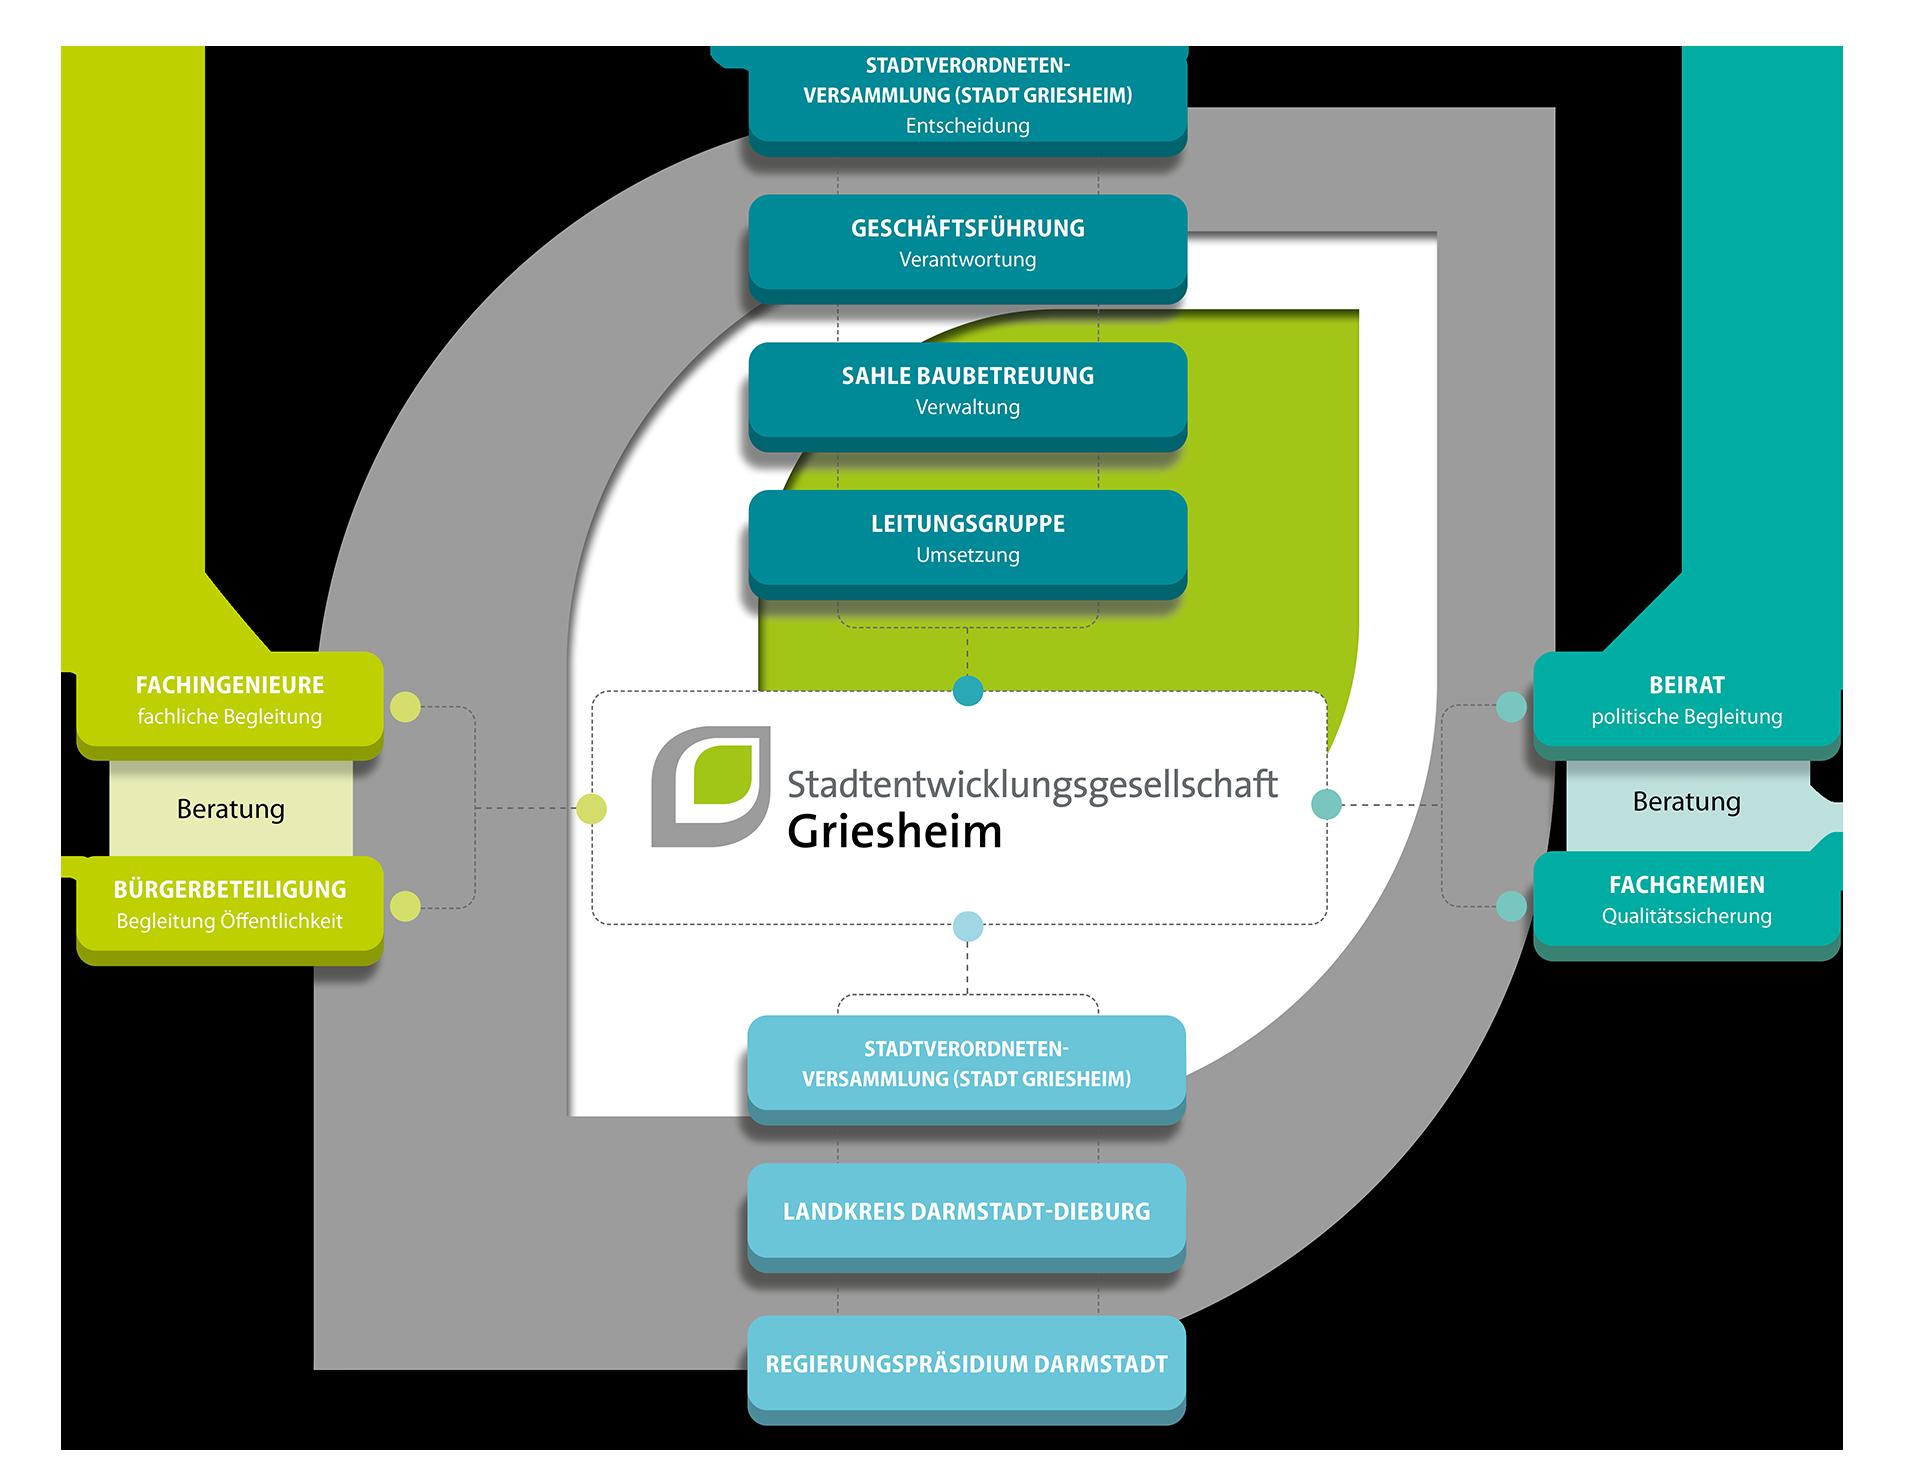 Organigramm der Stadtentwcklungsgesellschaft Griesheim mit allen Akteuren, die beteiligt sind